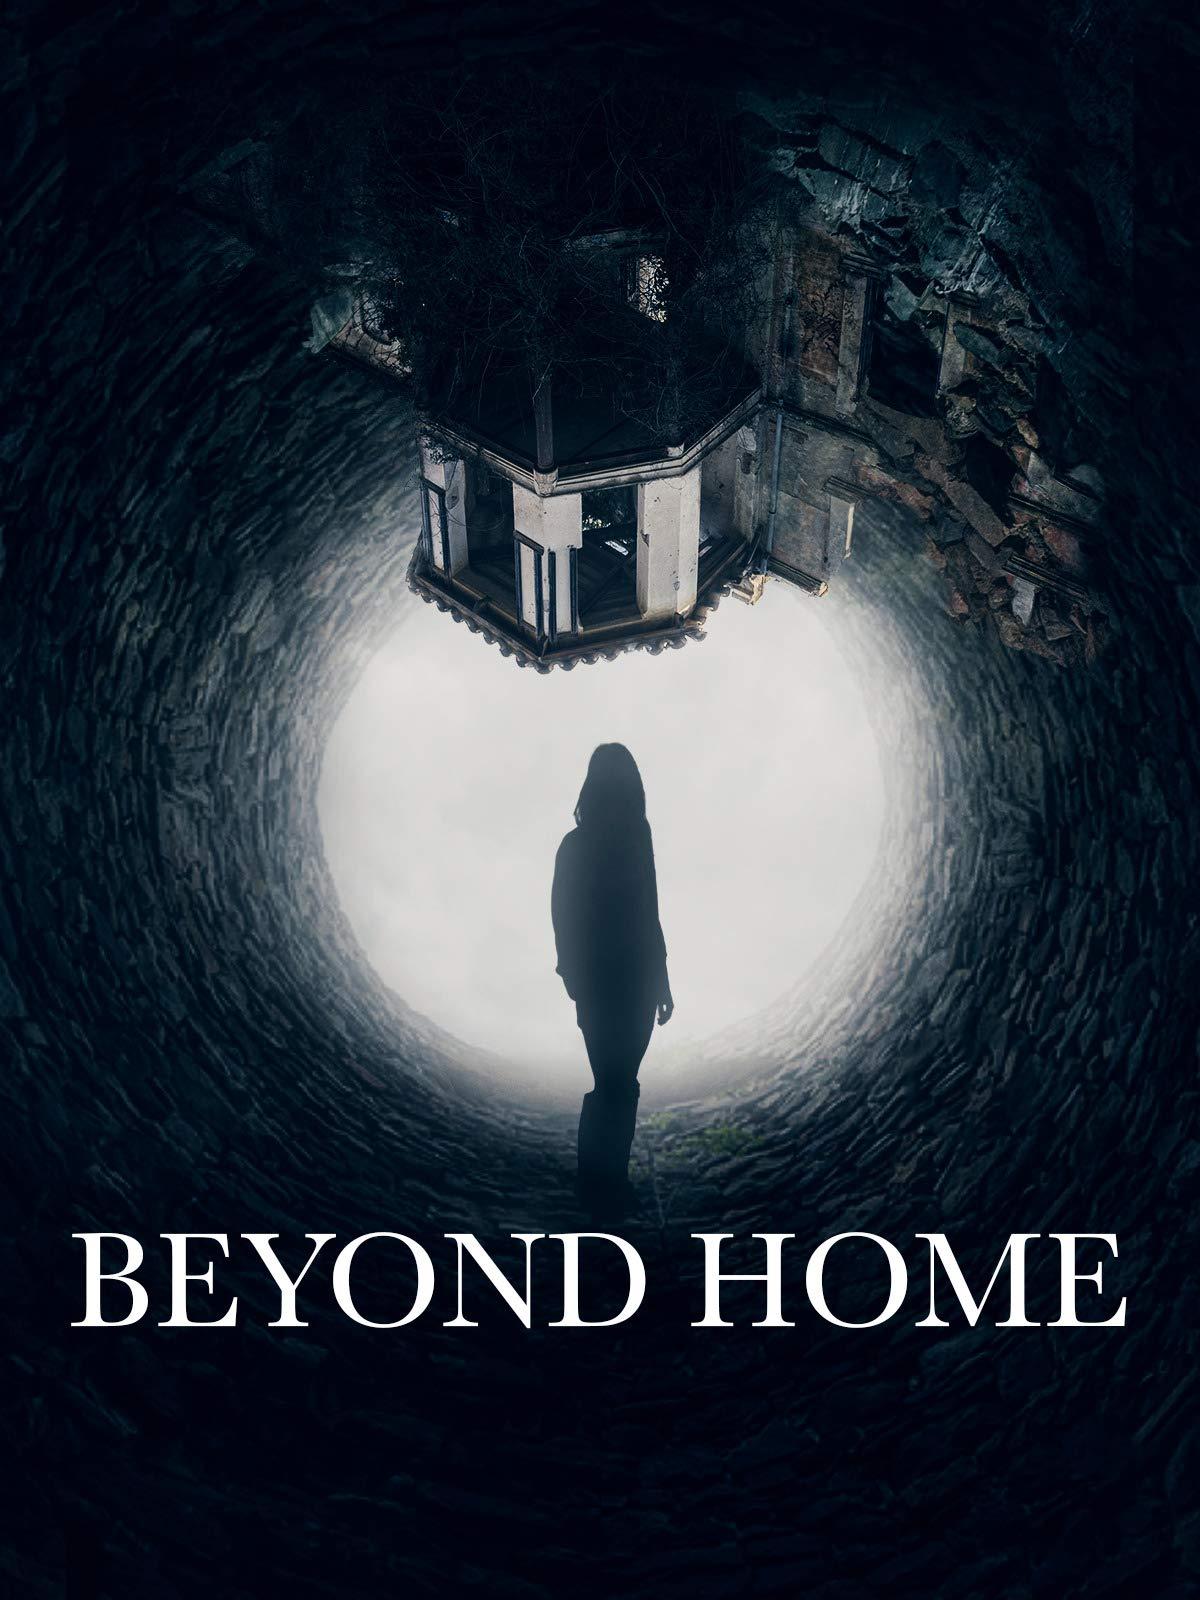 Beyond Home